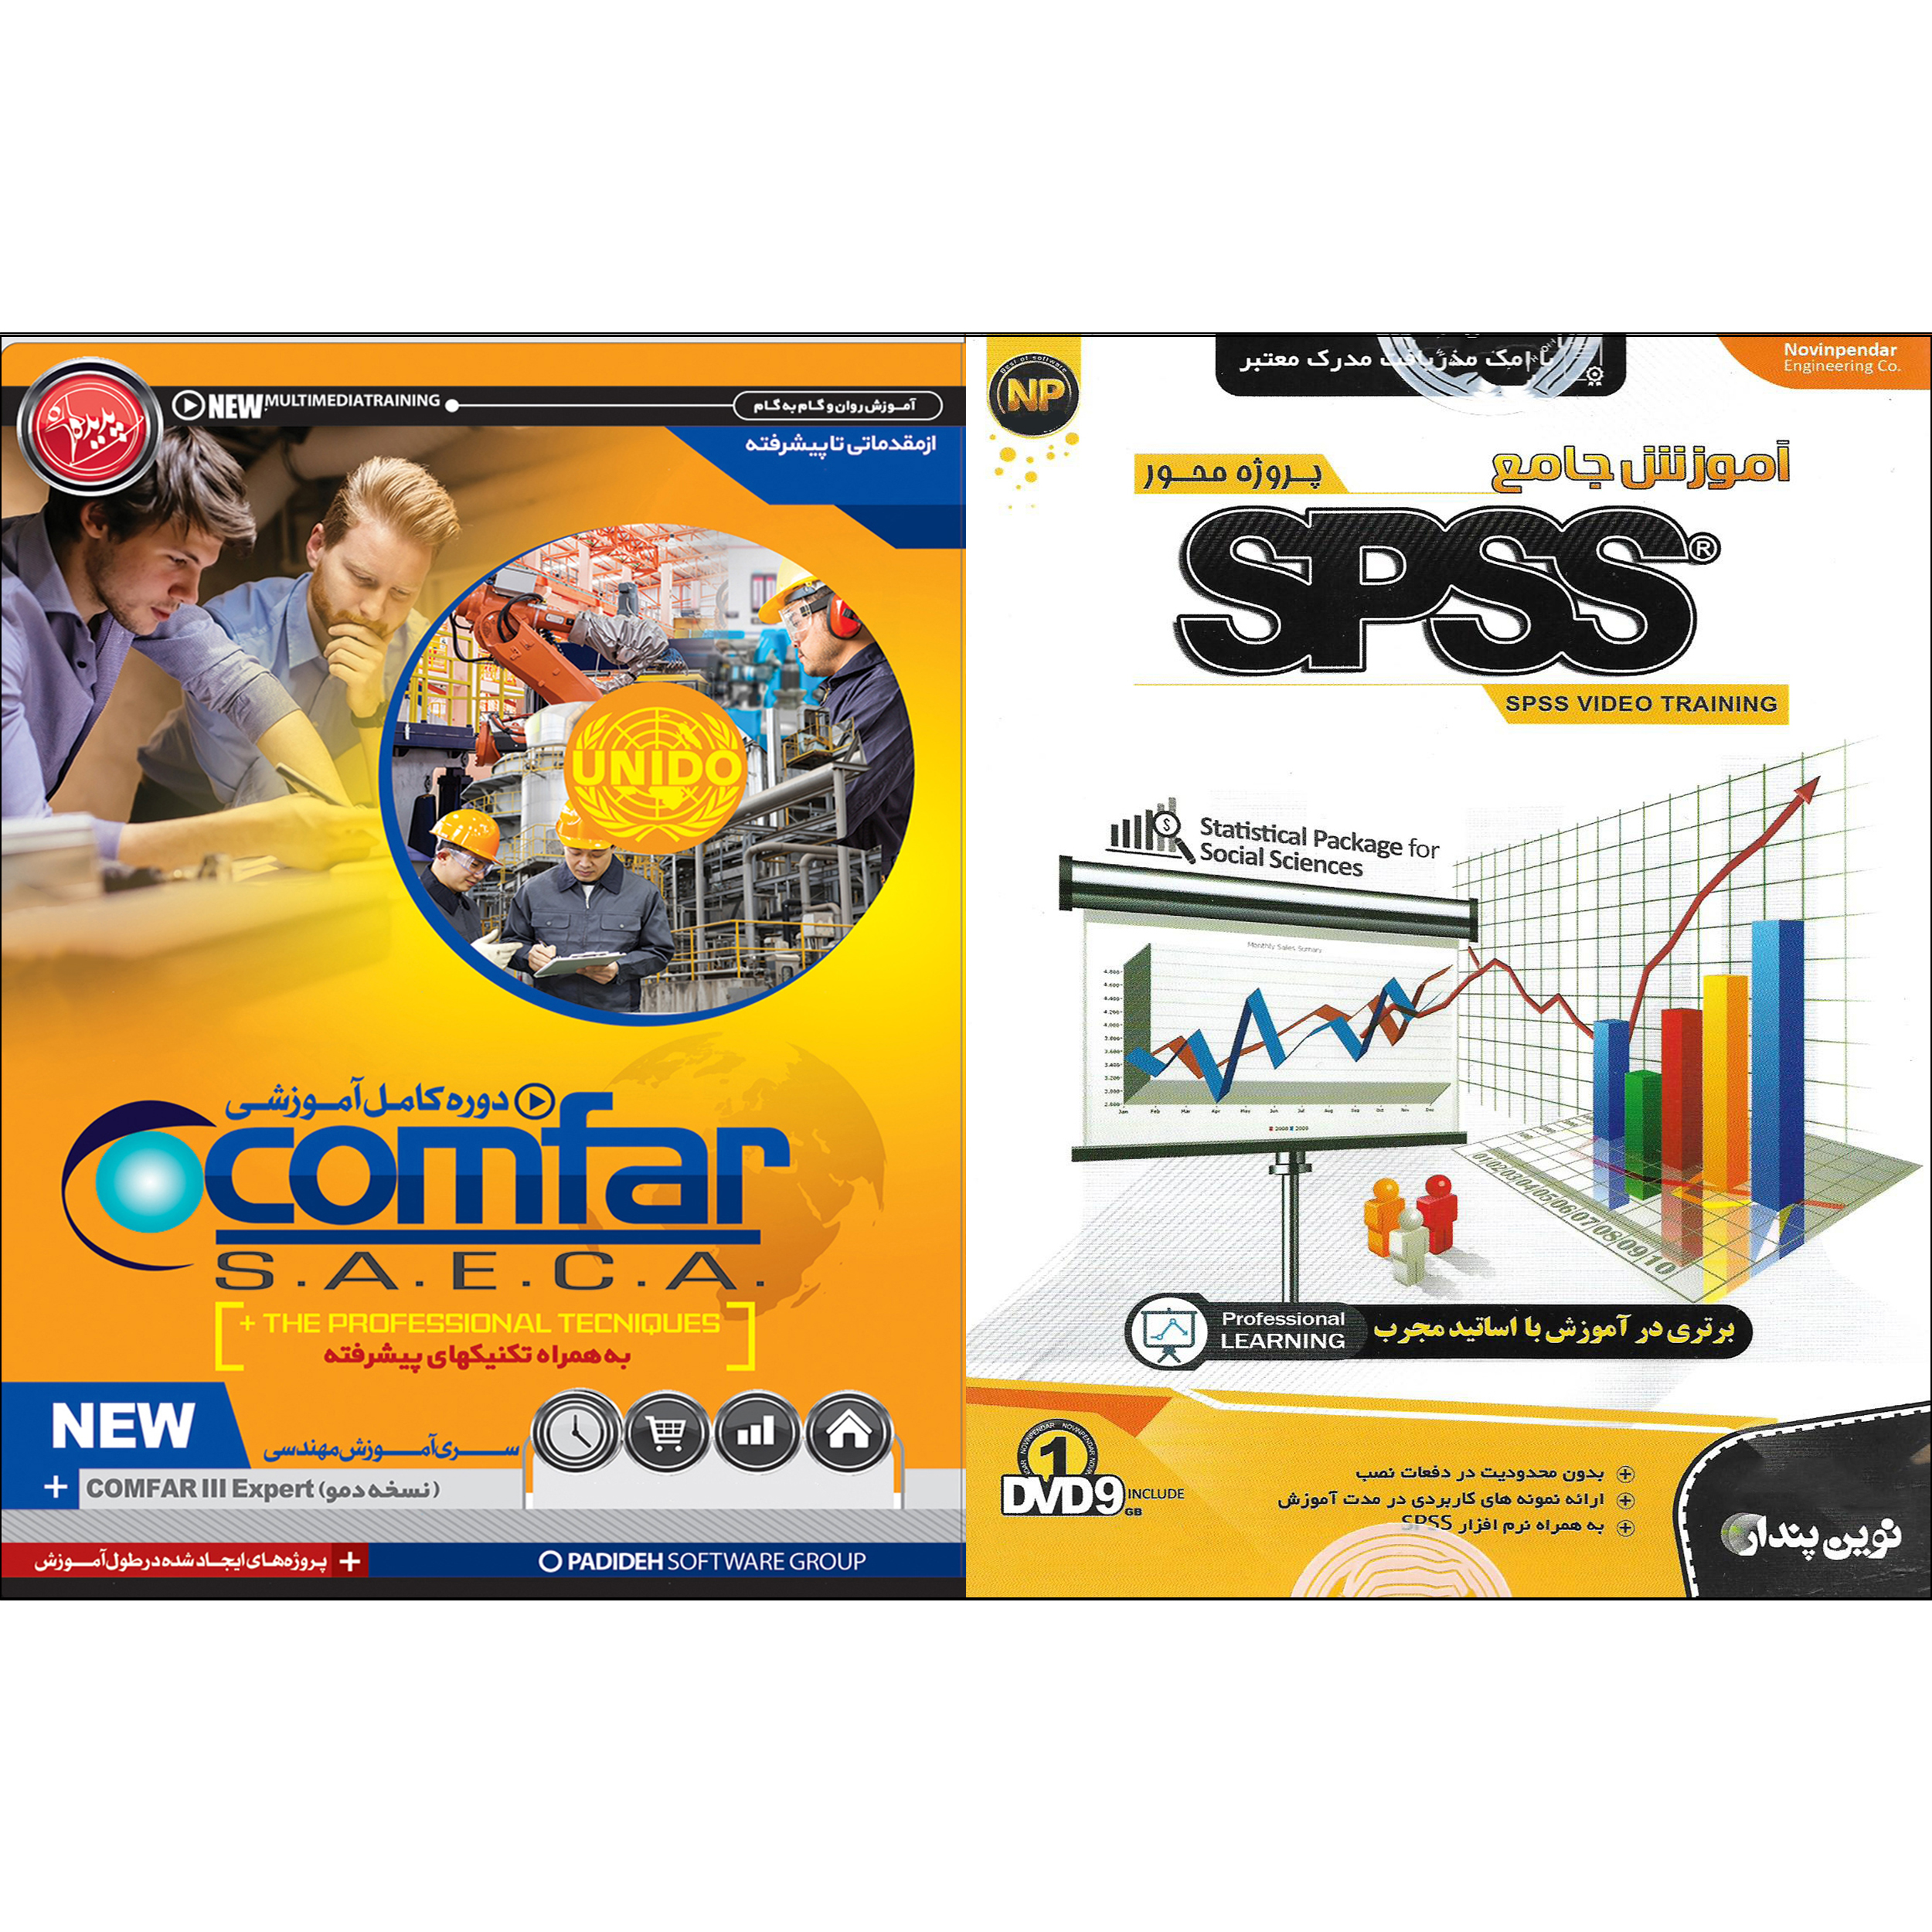 نرم افزار آموزش پروژه محور SPSS نشر نوین پندار به همراه نرم افزار آموزش COMFAR نشر پدیده